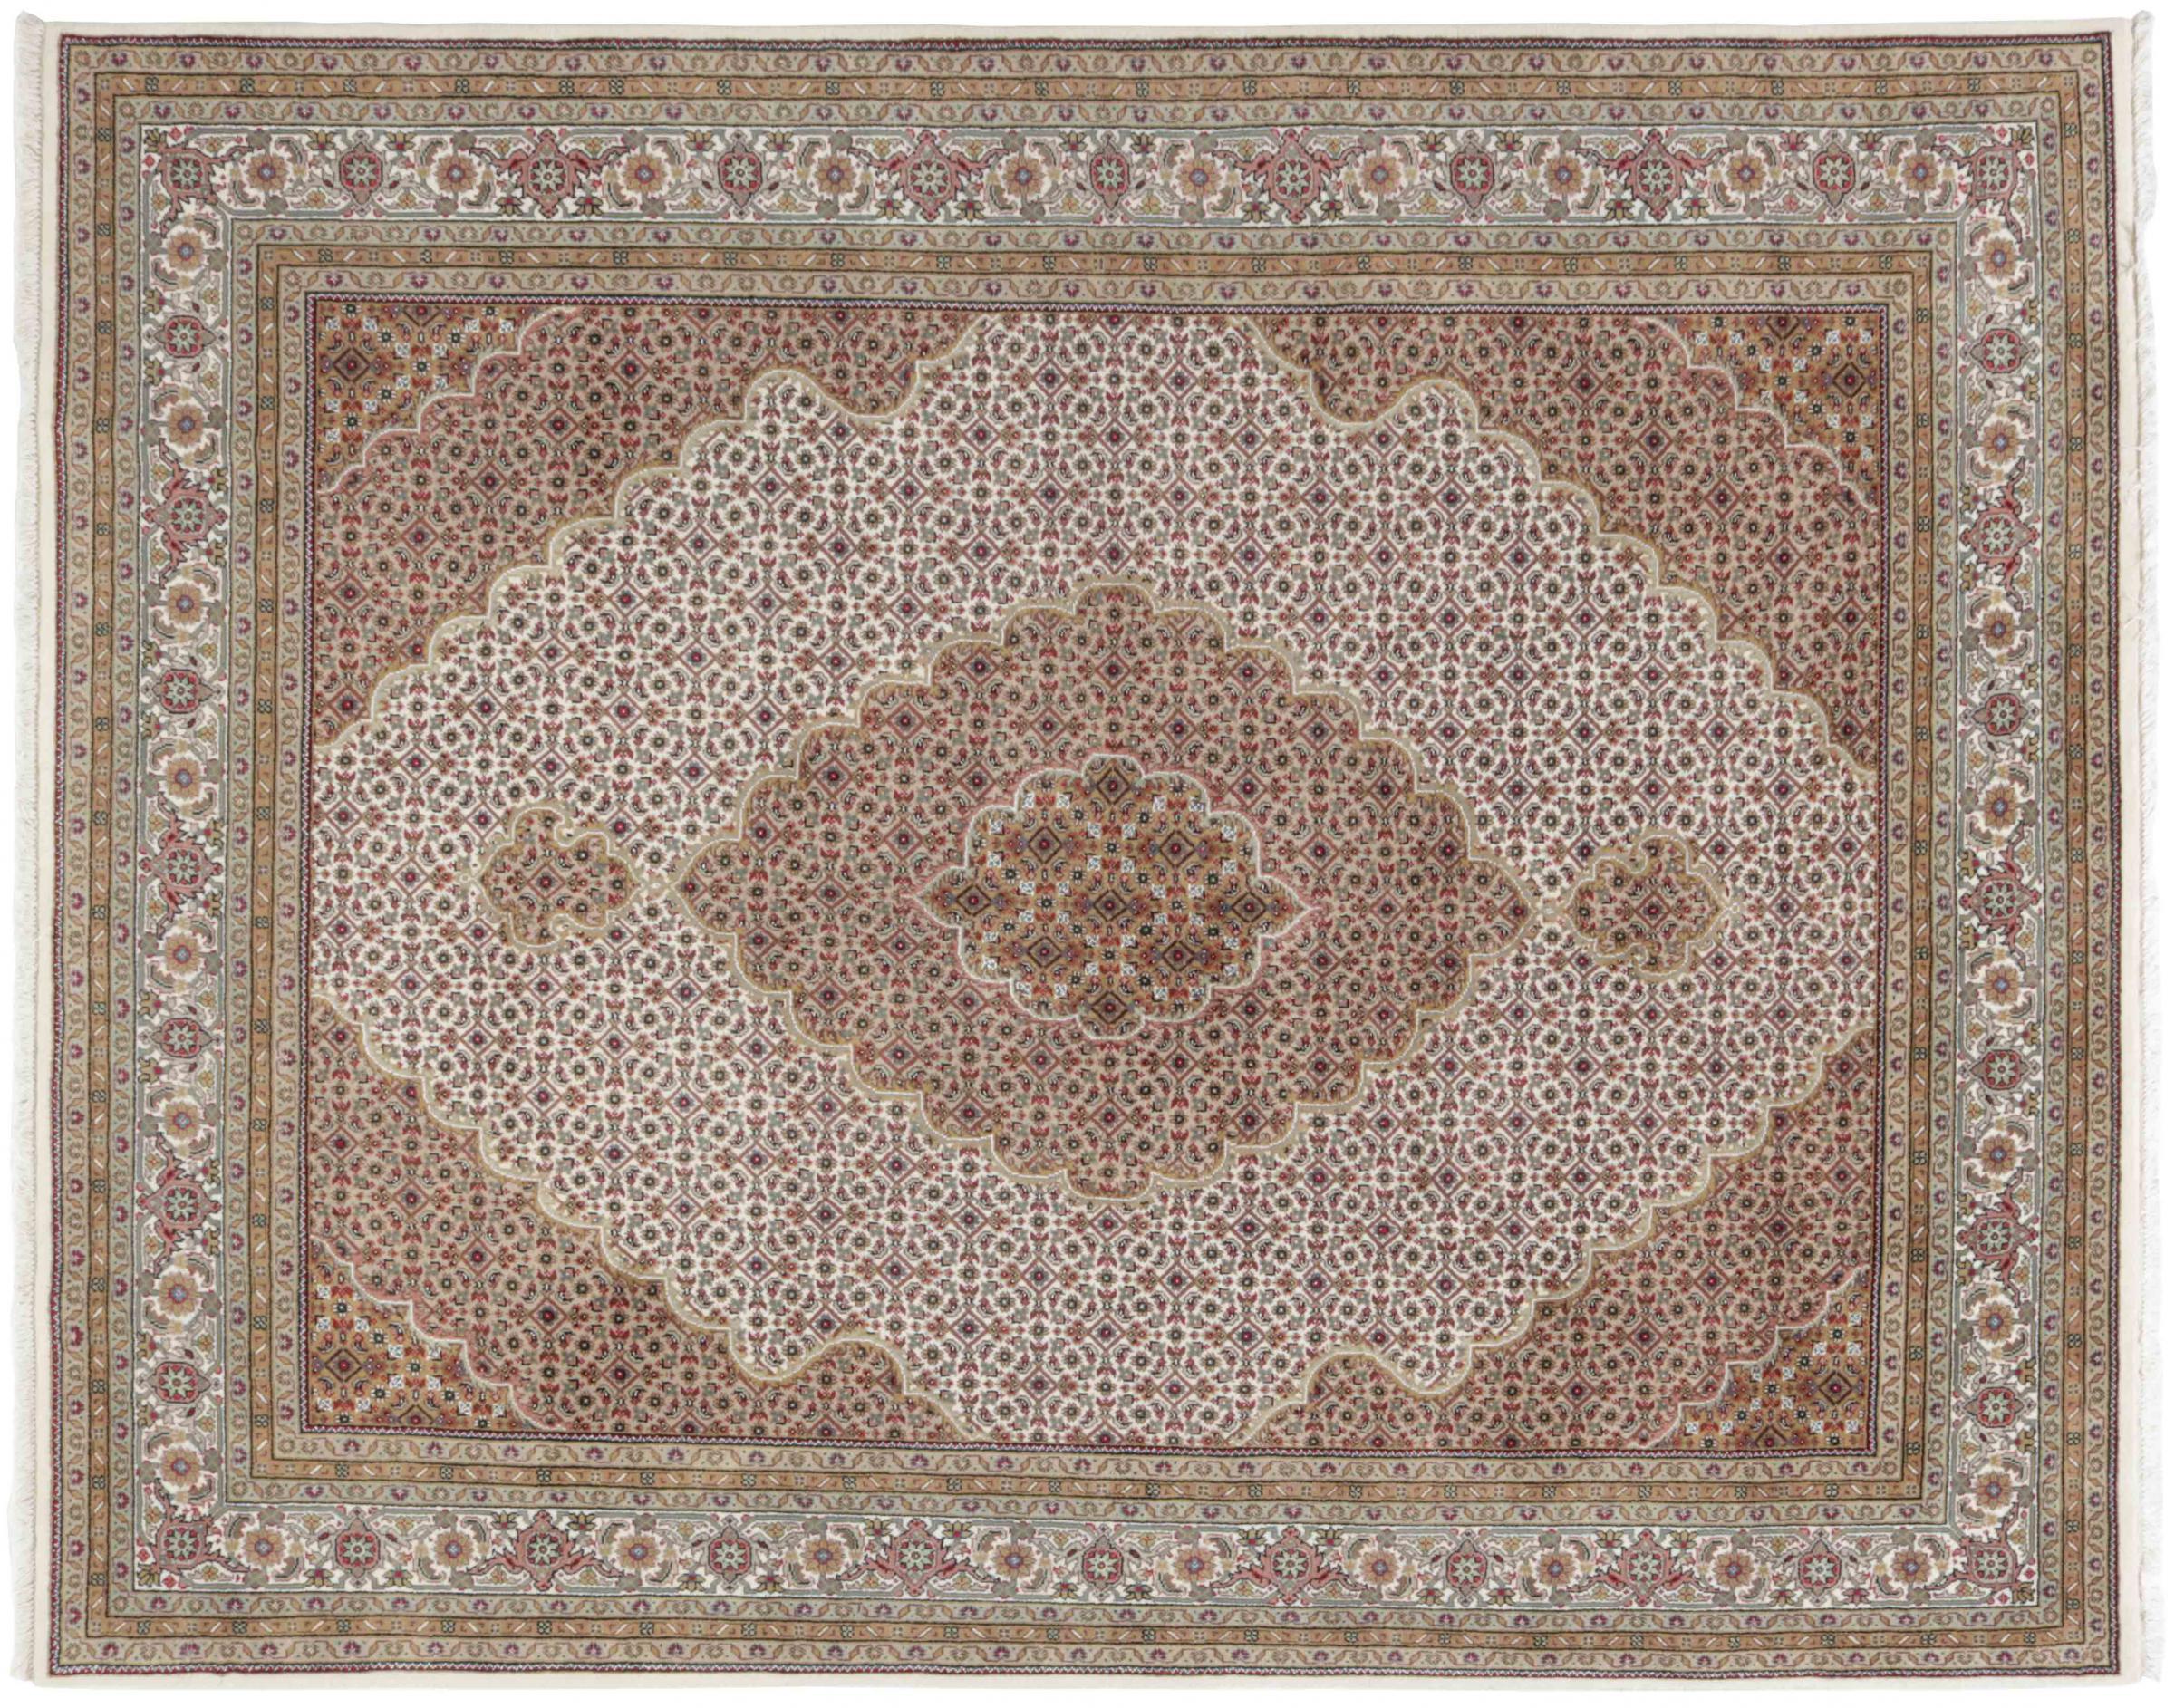 indo t briz indischer teppich 304x253 id32708 kaufen sie ihren orientteppich i 300x250 bei. Black Bedroom Furniture Sets. Home Design Ideas